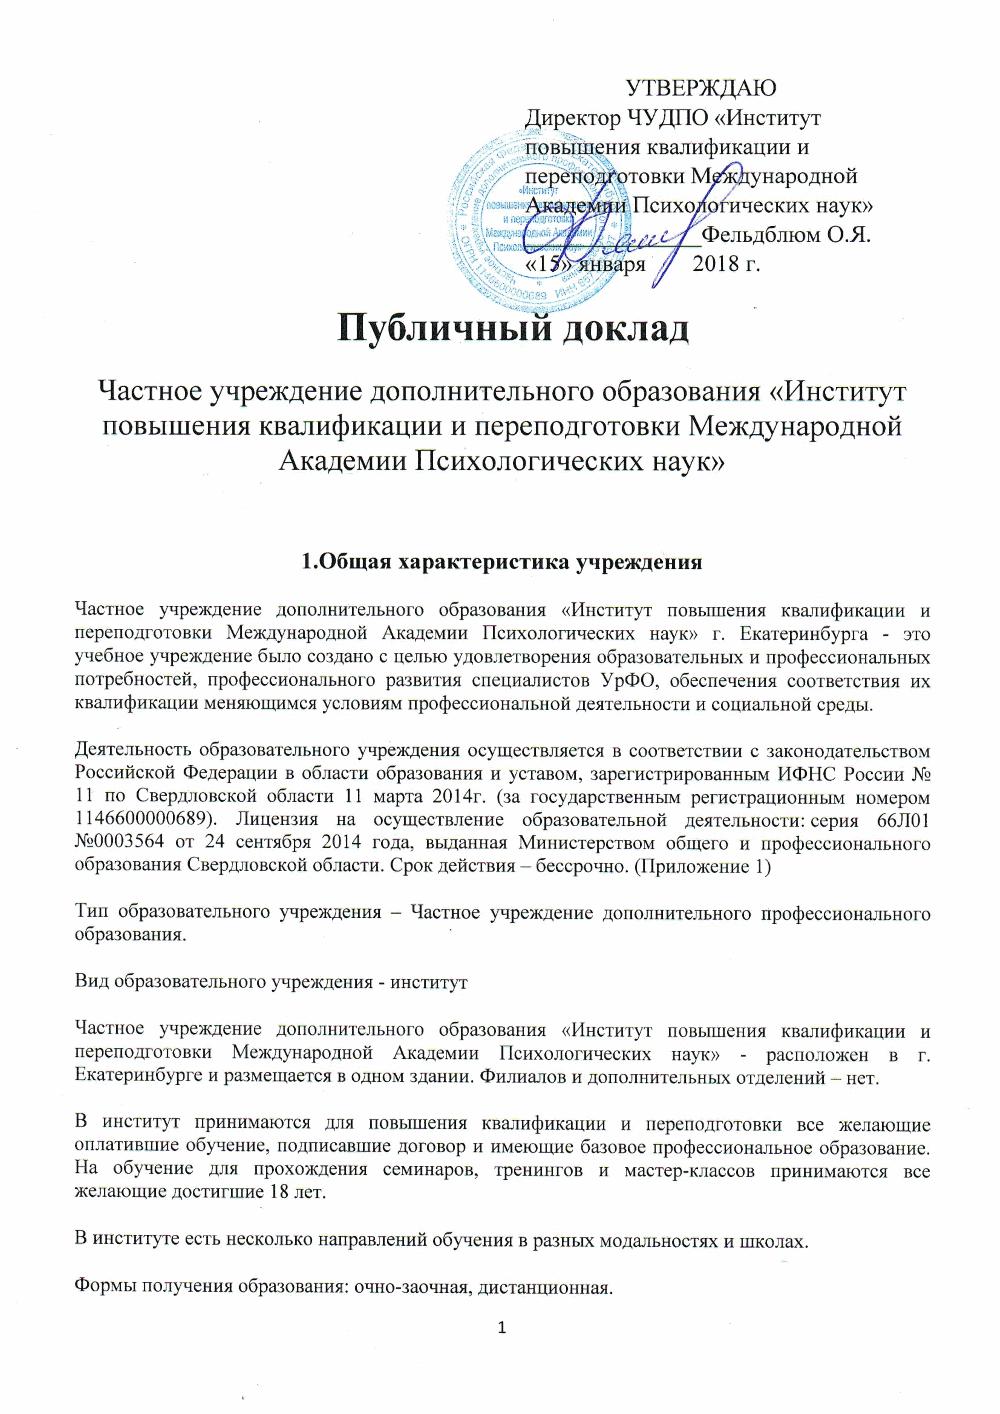 Публичный доклад директора 2017